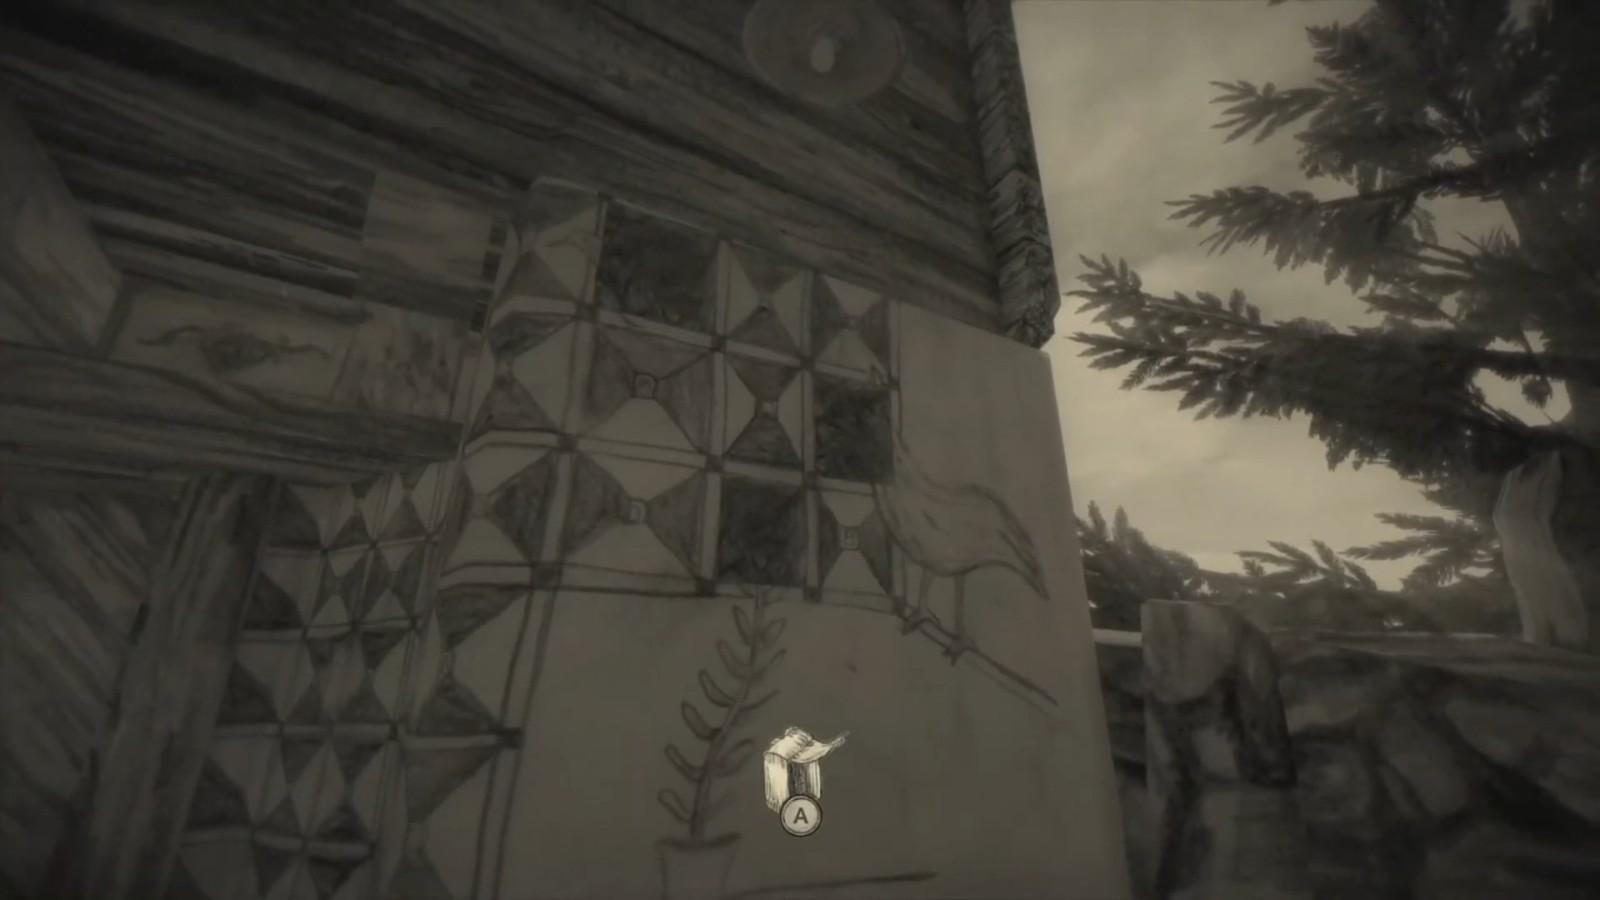 手绘恐怖游戏《蒙道恩》3月16日发售 登陆全平台